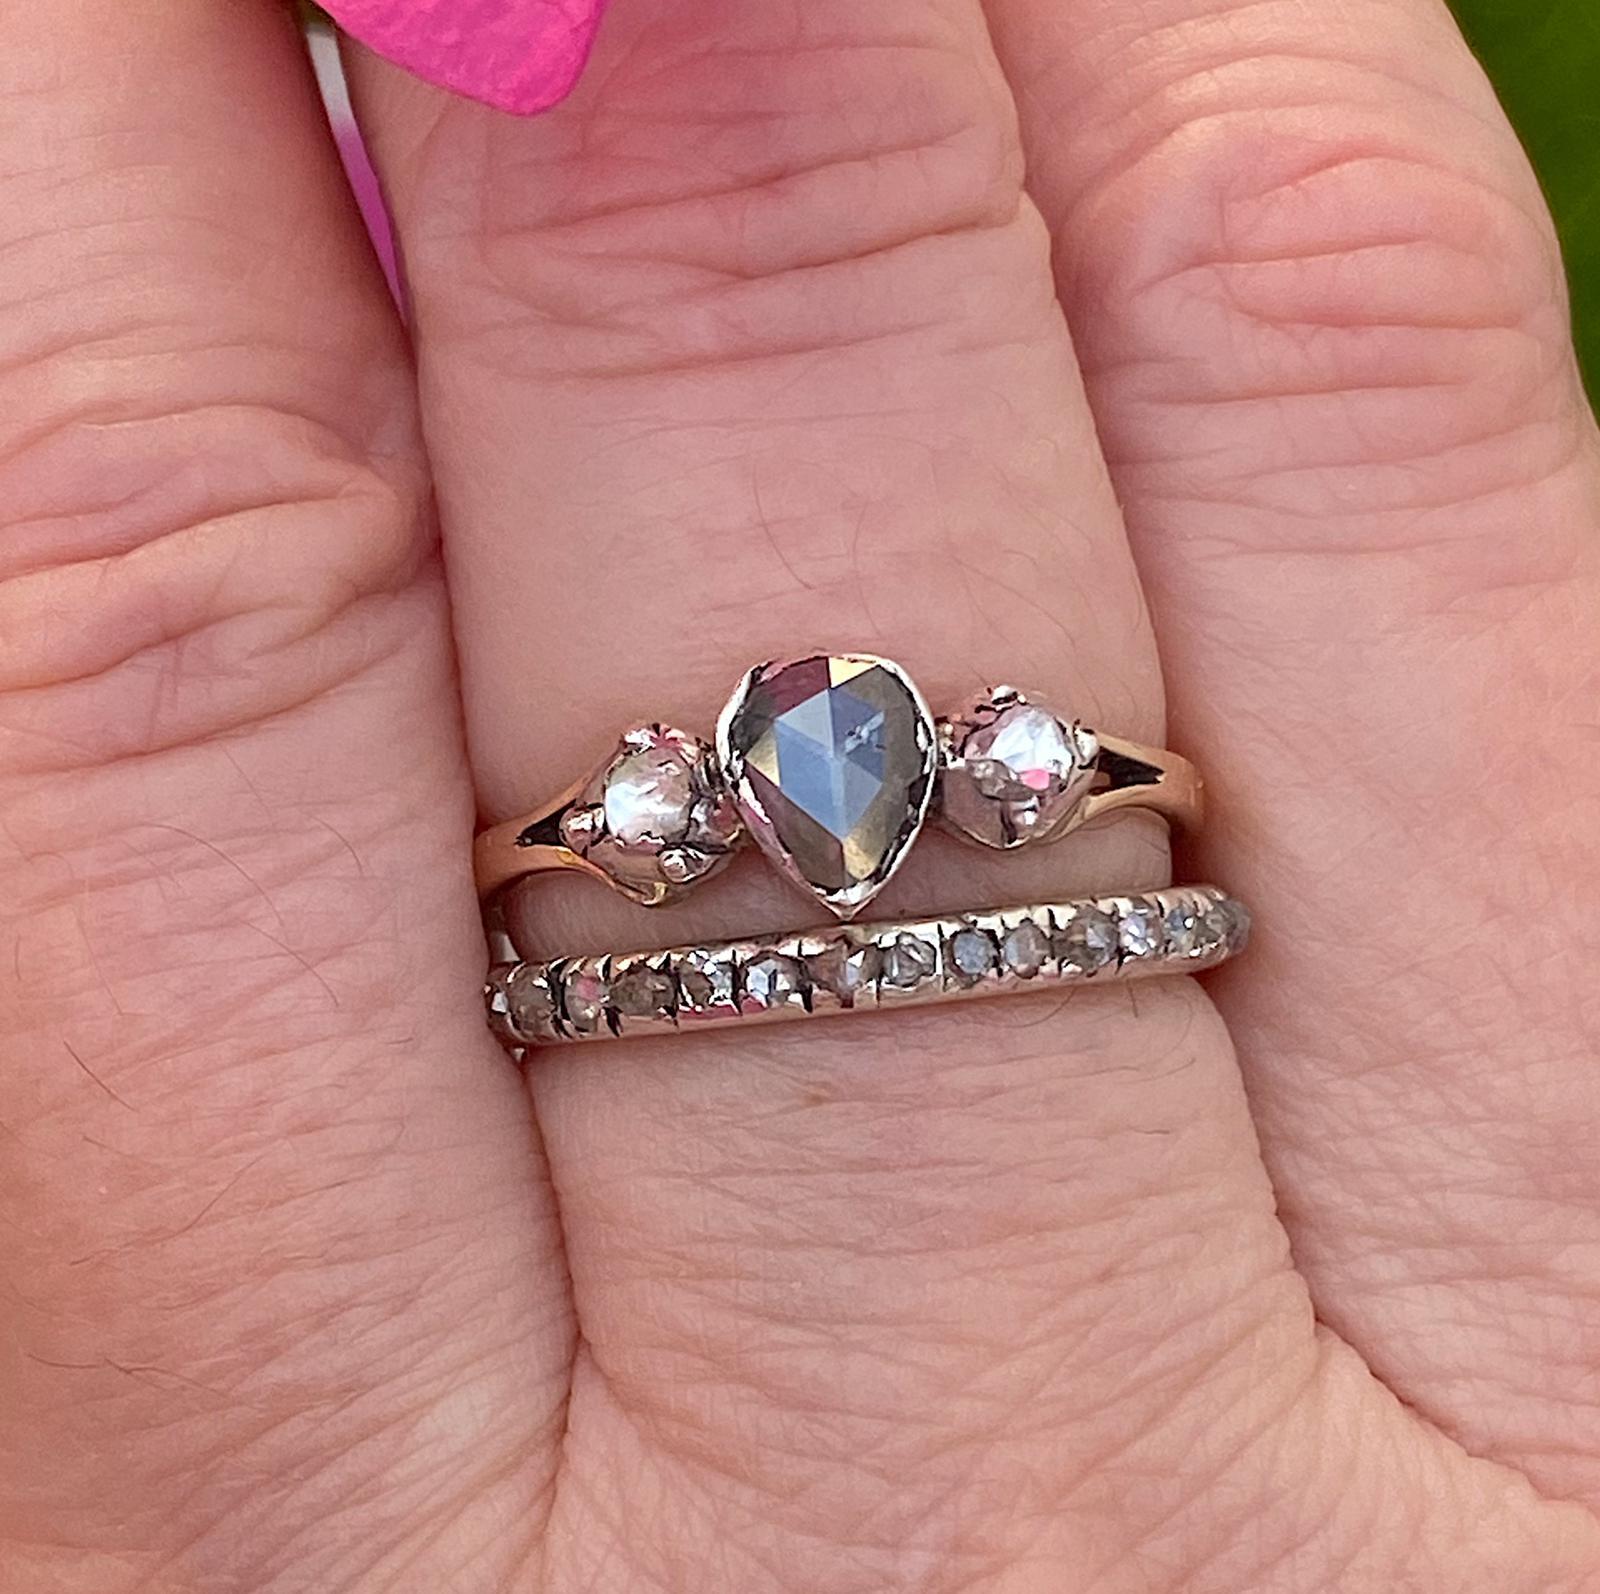 טבעת ג'ורג'יאנית, זהב וכסף , עם 3 יהלומים.(העליונה).